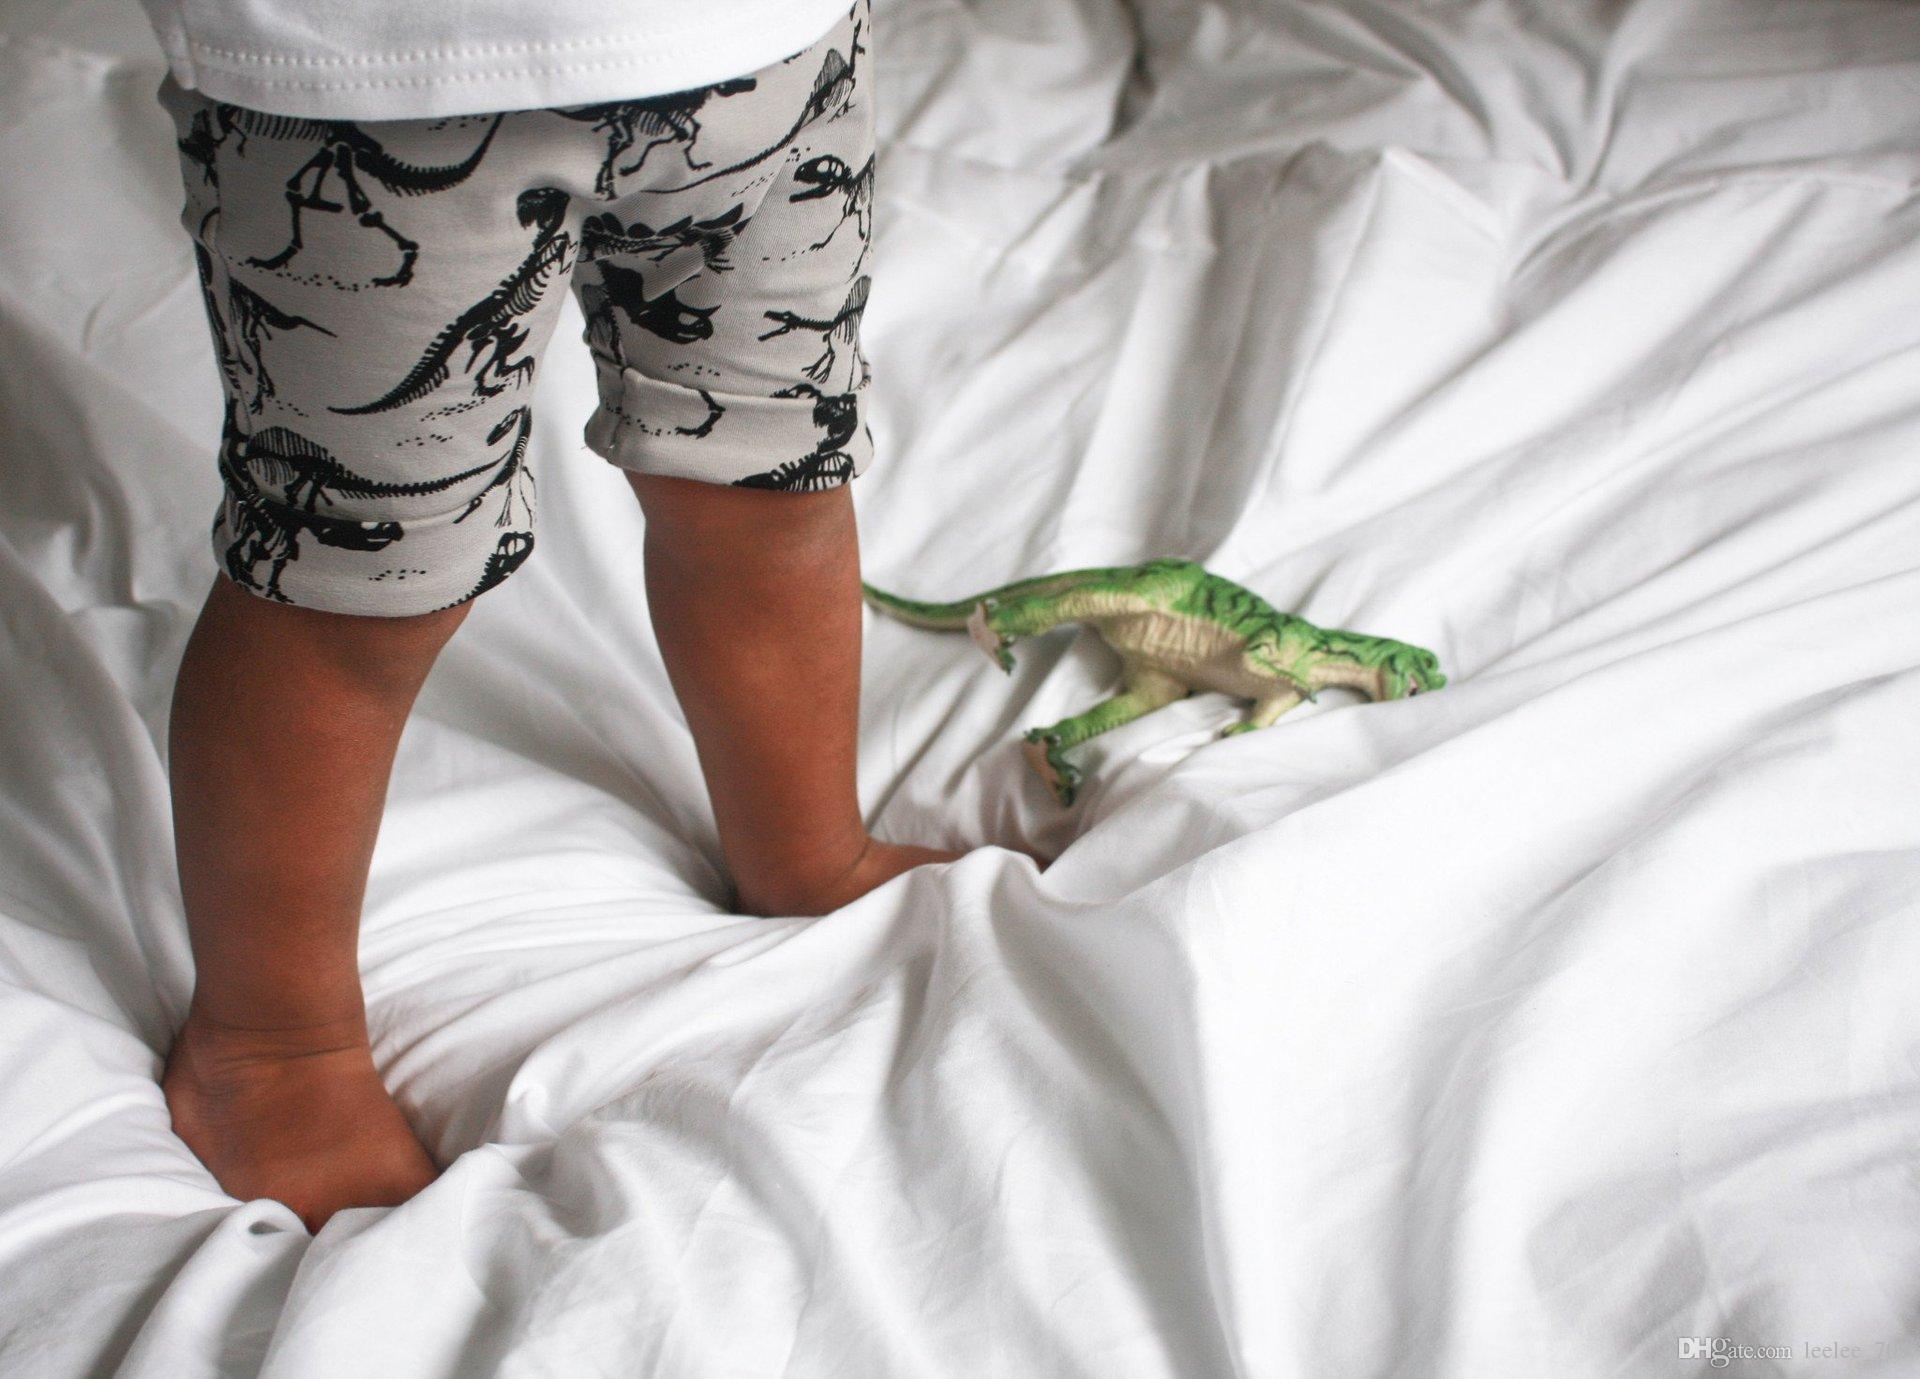 Dinosauro del cotone dei pantaloni delle ragazze dei ragazzi i vestiti della striscia dei pantaloni del Harem dei bambini 2016 nuovi vestiti di modo accettano la dimensione scelgono liberamente